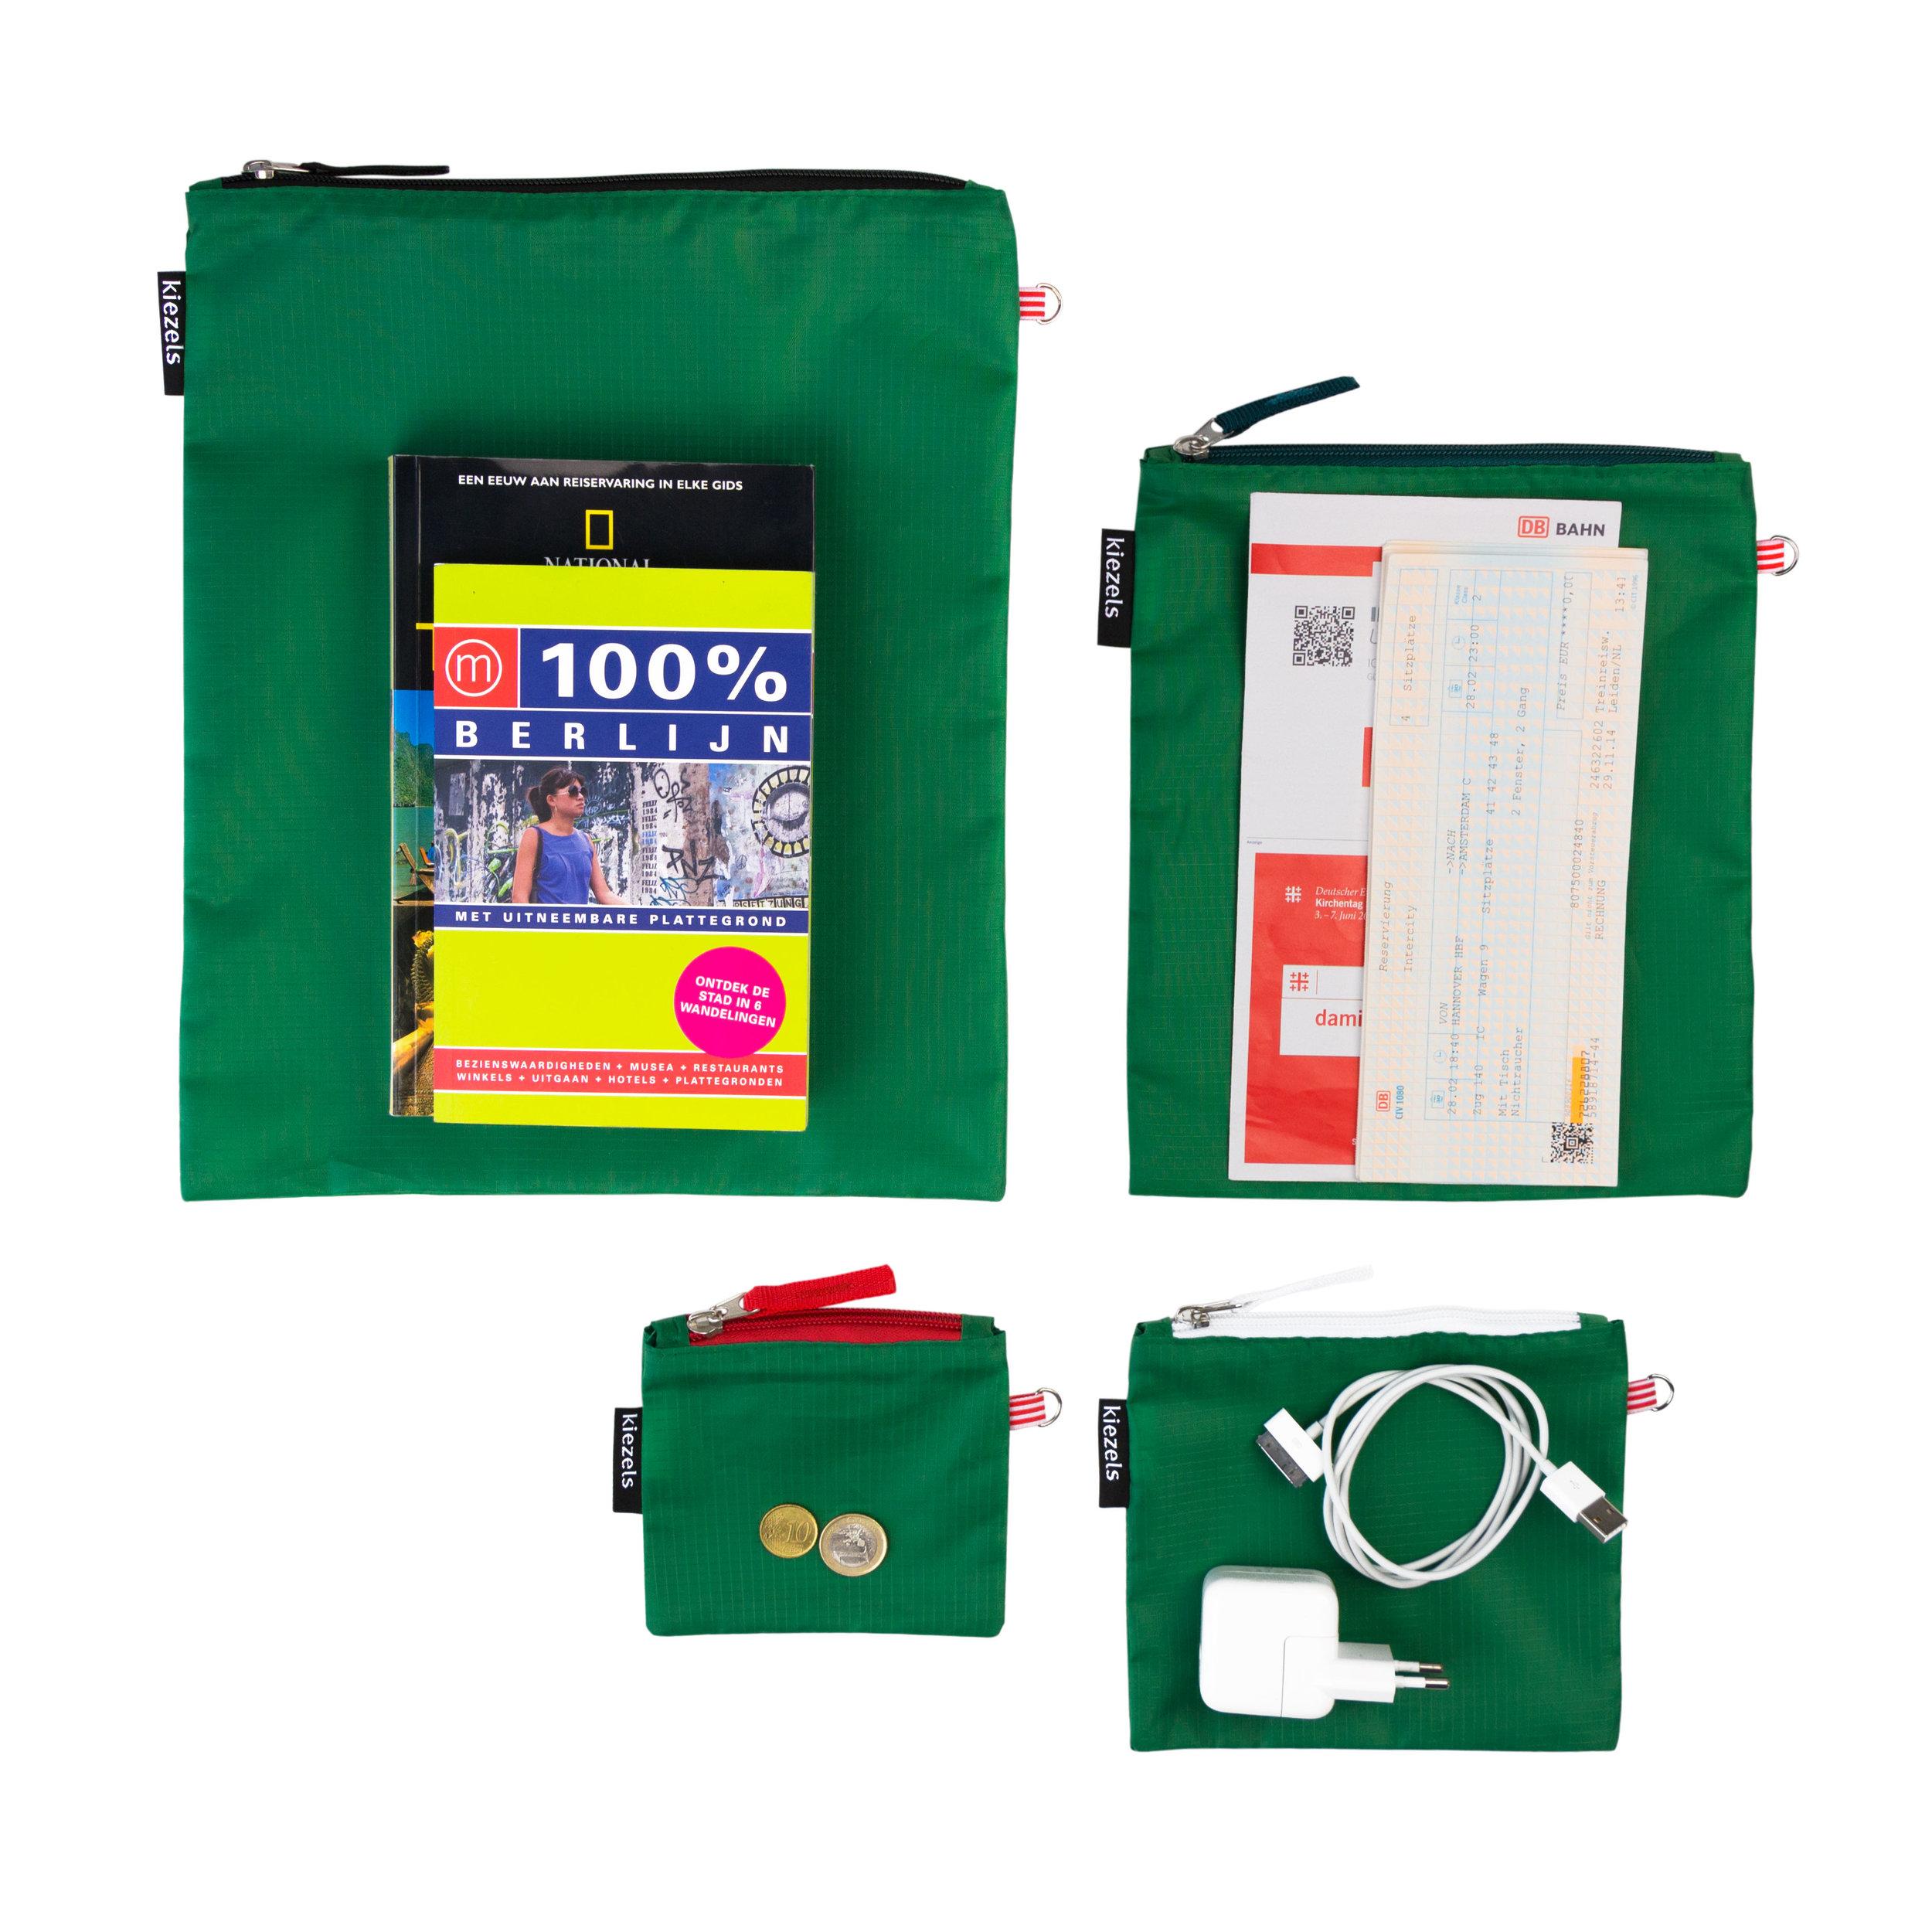 kiezels_zipperbags_green_203_3w.jpg